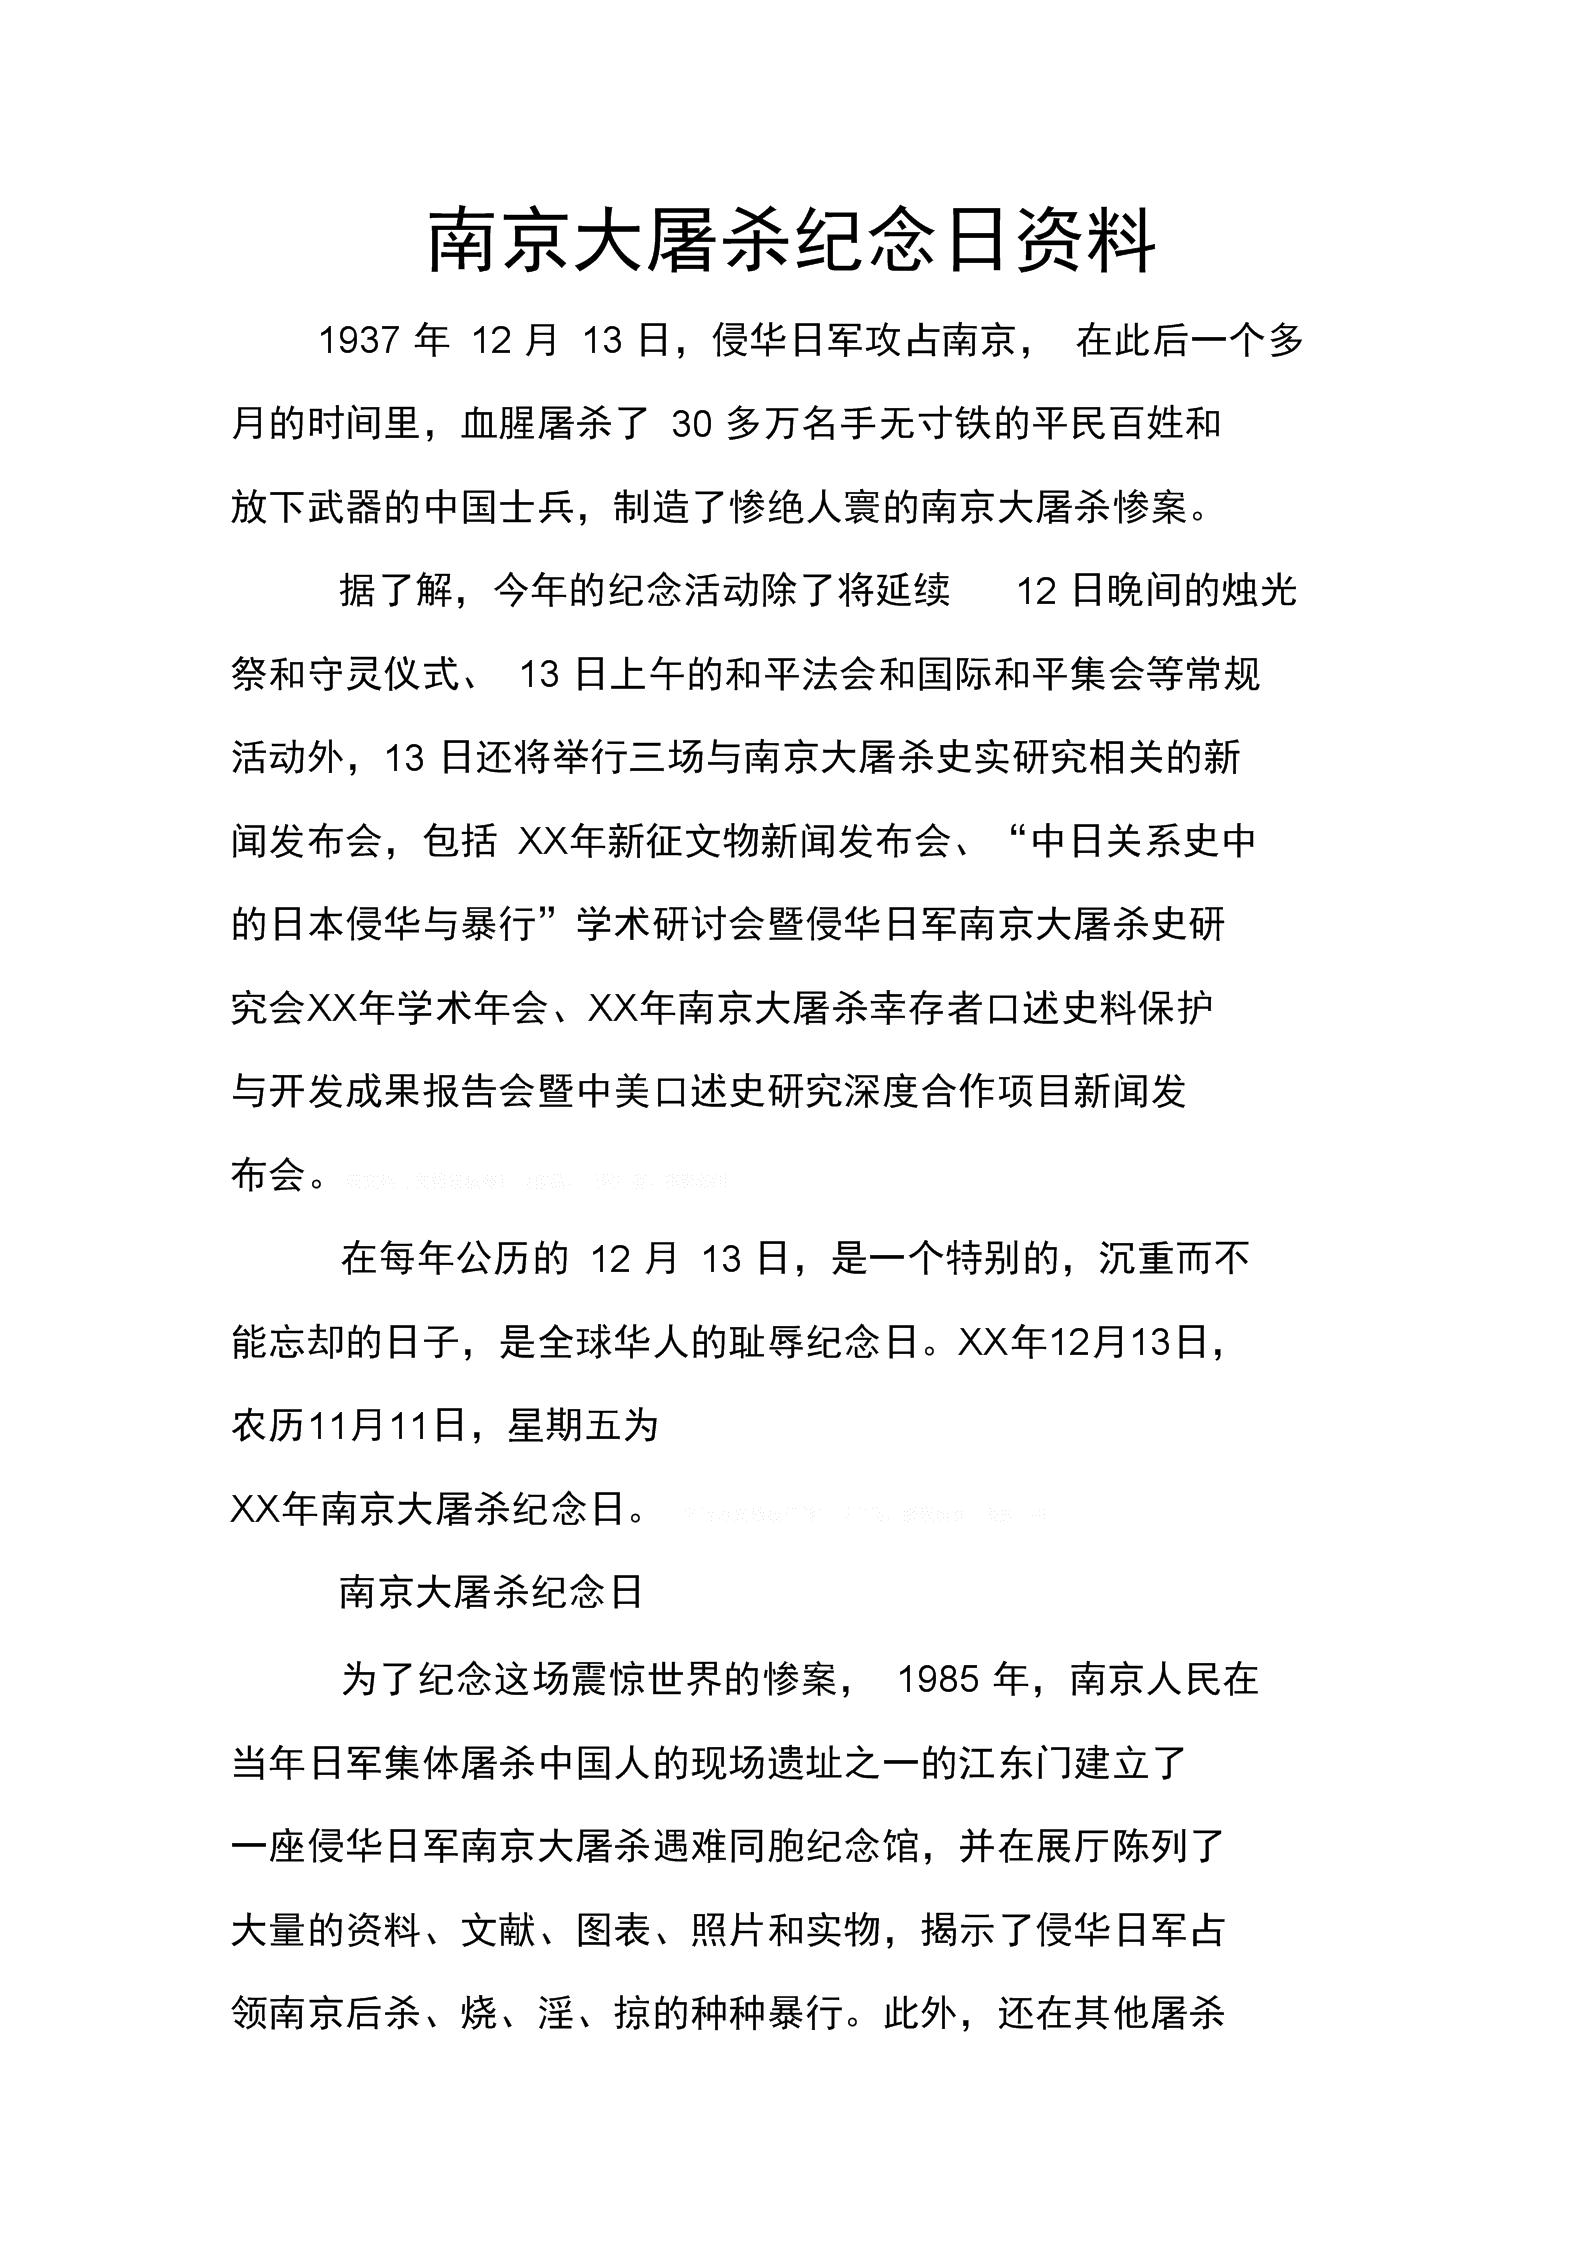 南京大屠杀纪念日资料.docx